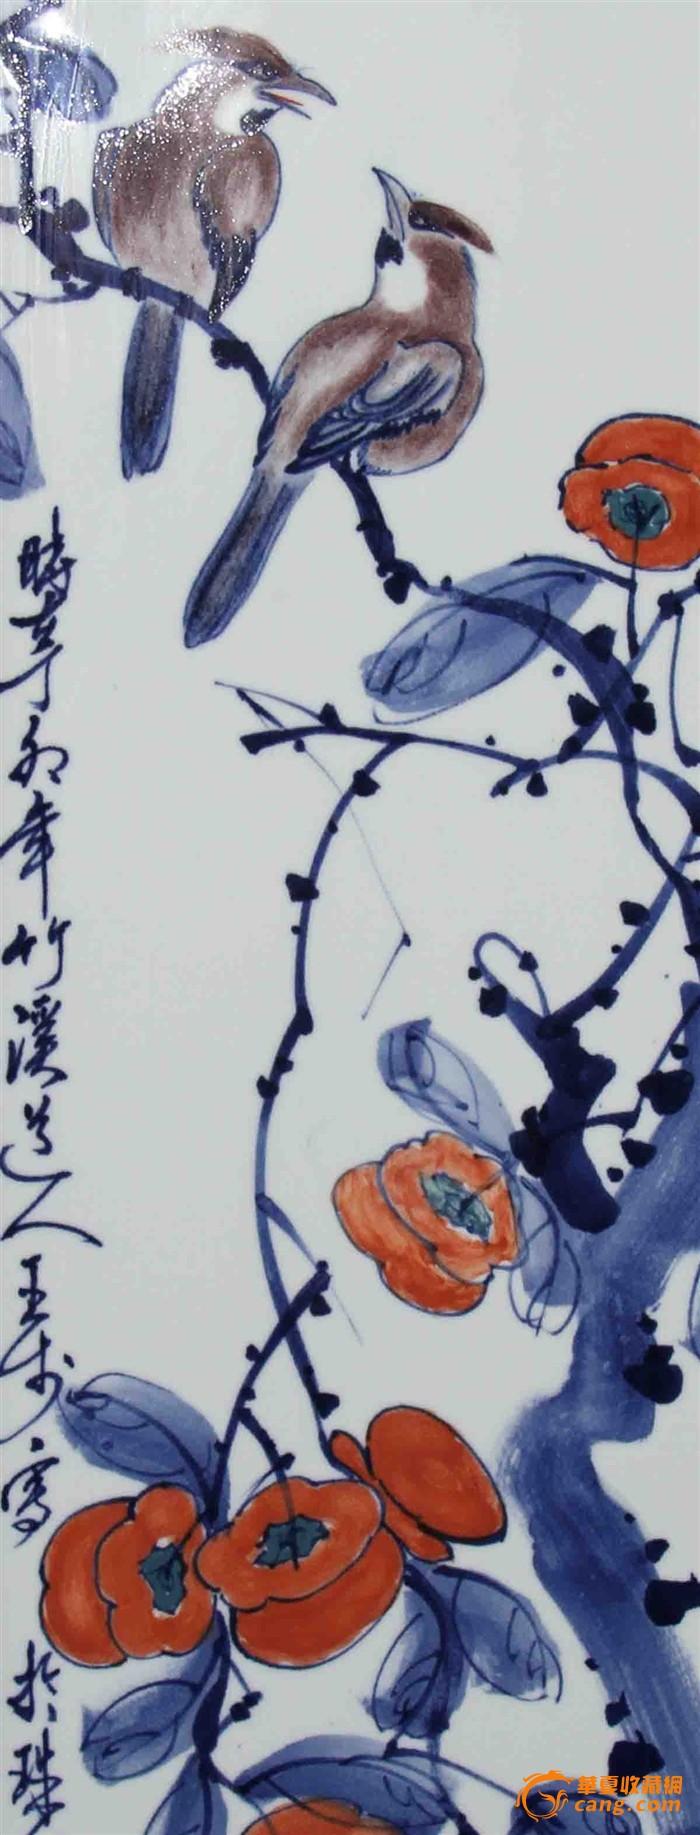 第三屏绘盛开的梅花,翠竹,两只鸟栖息于梅树枝头.